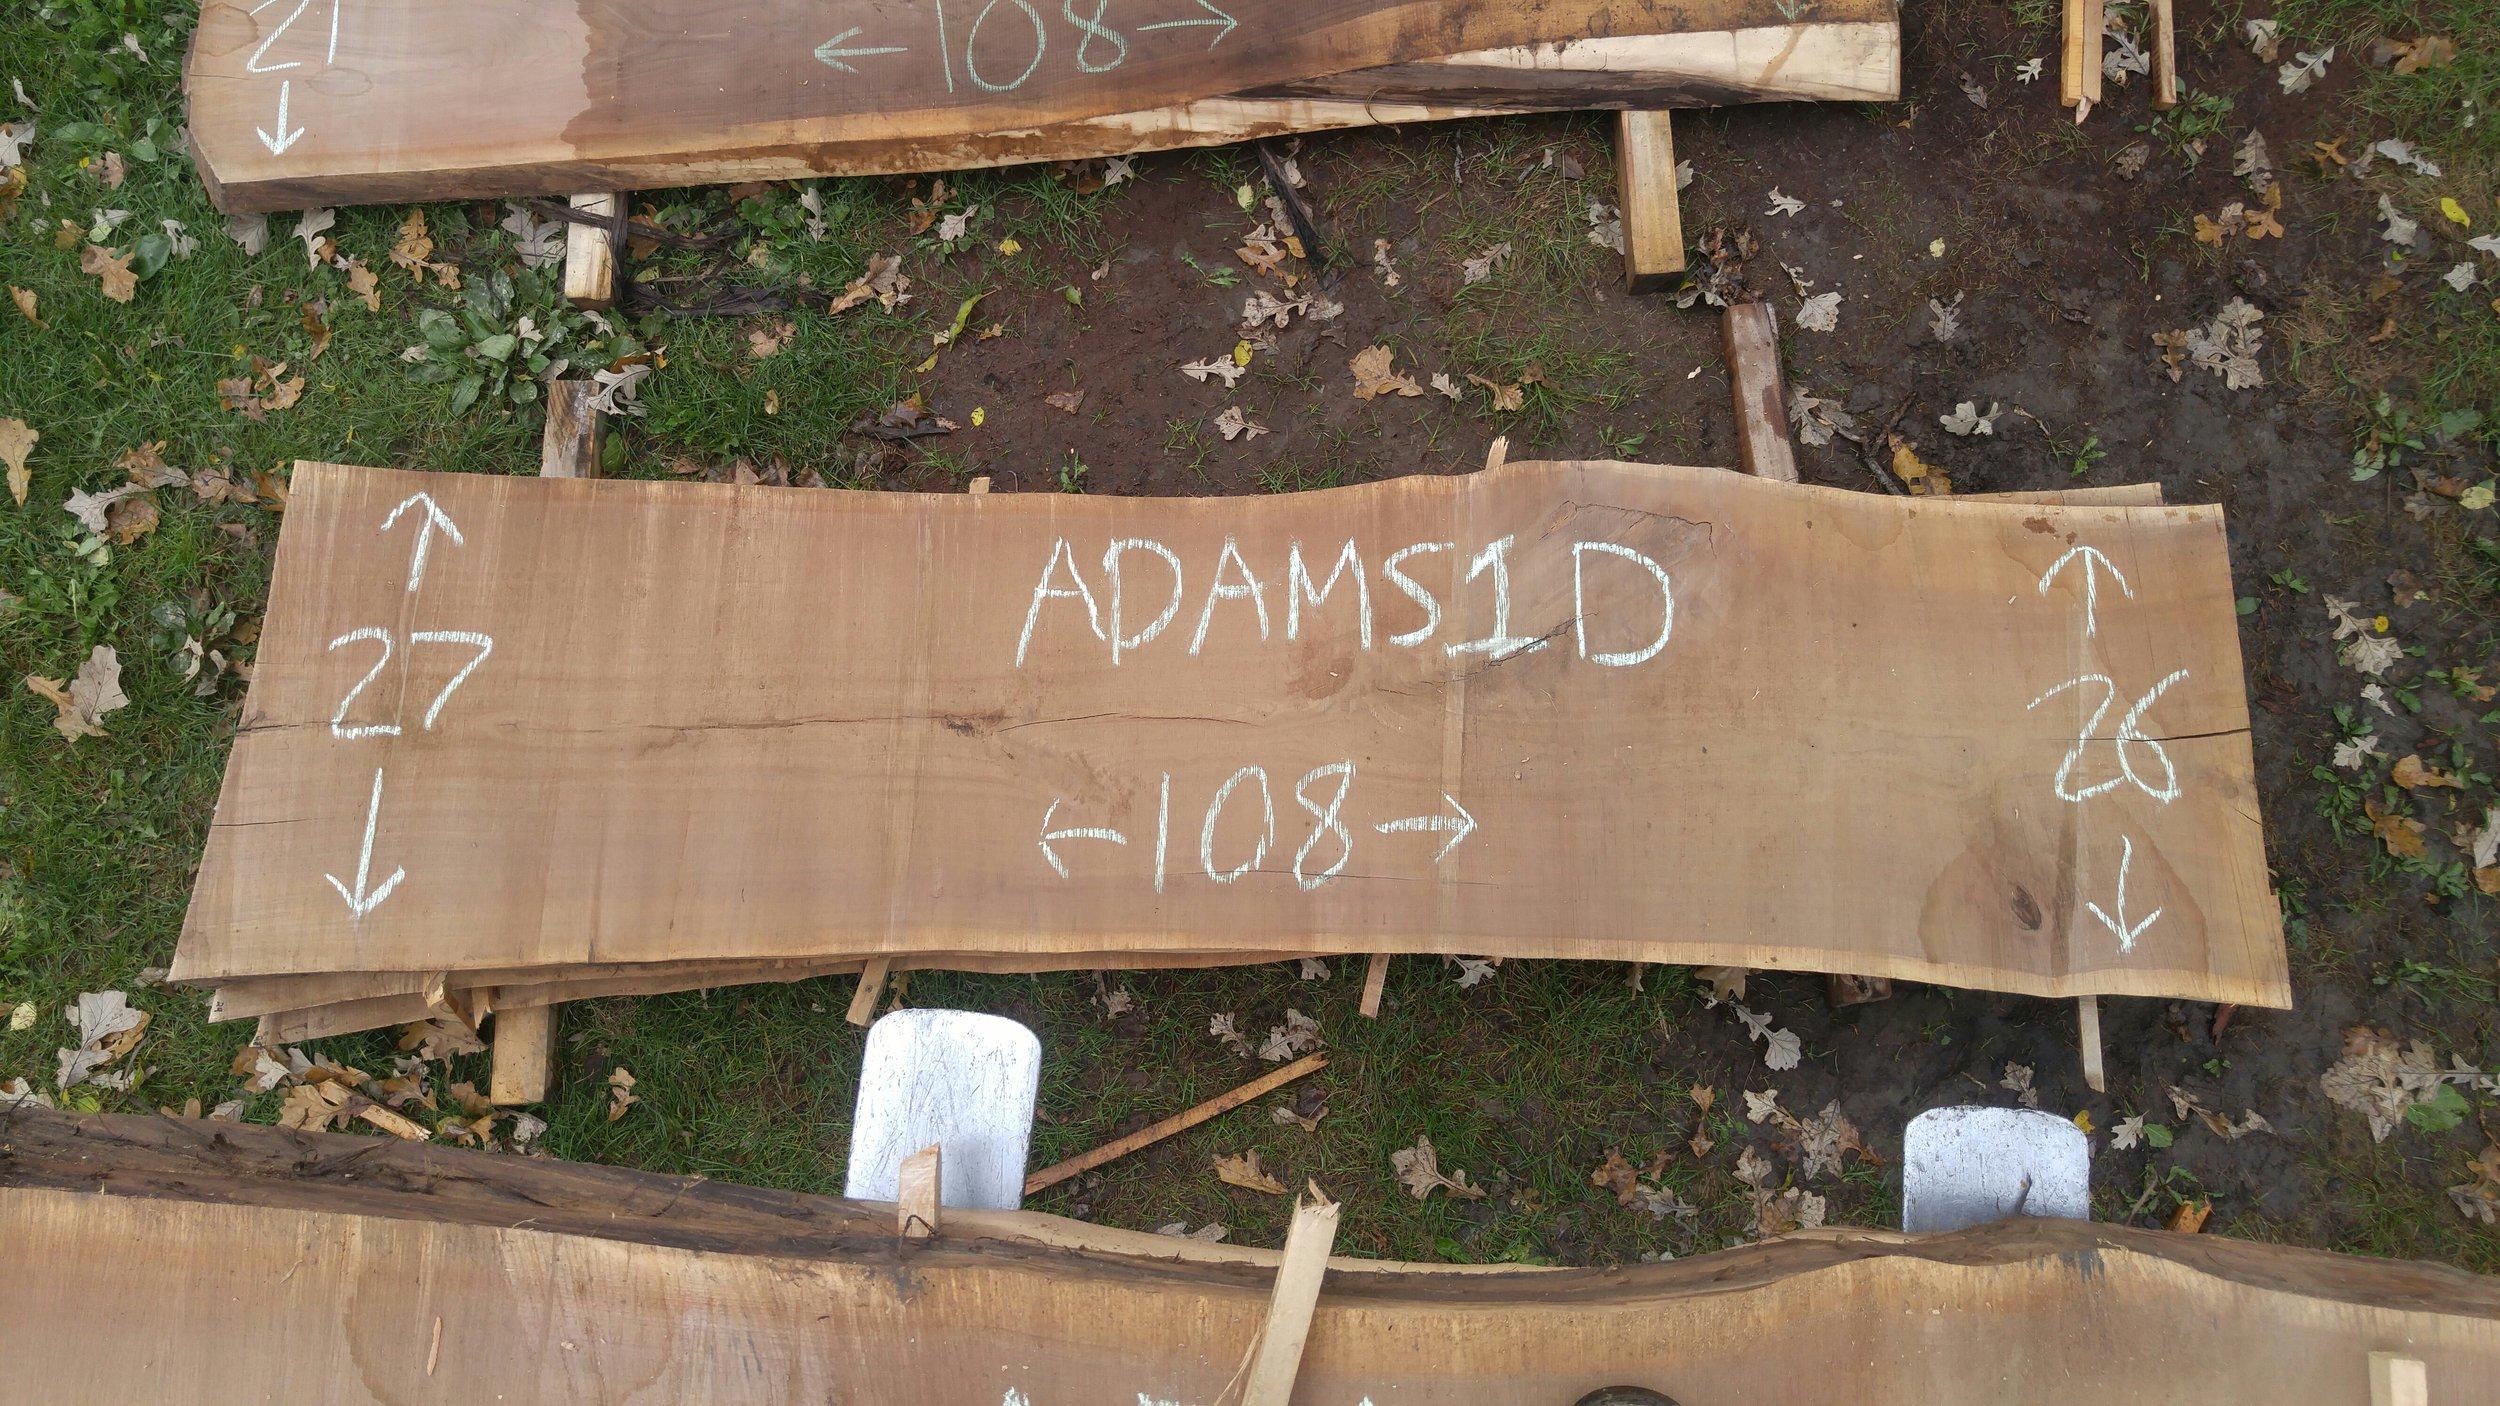 Adams1D.jpg